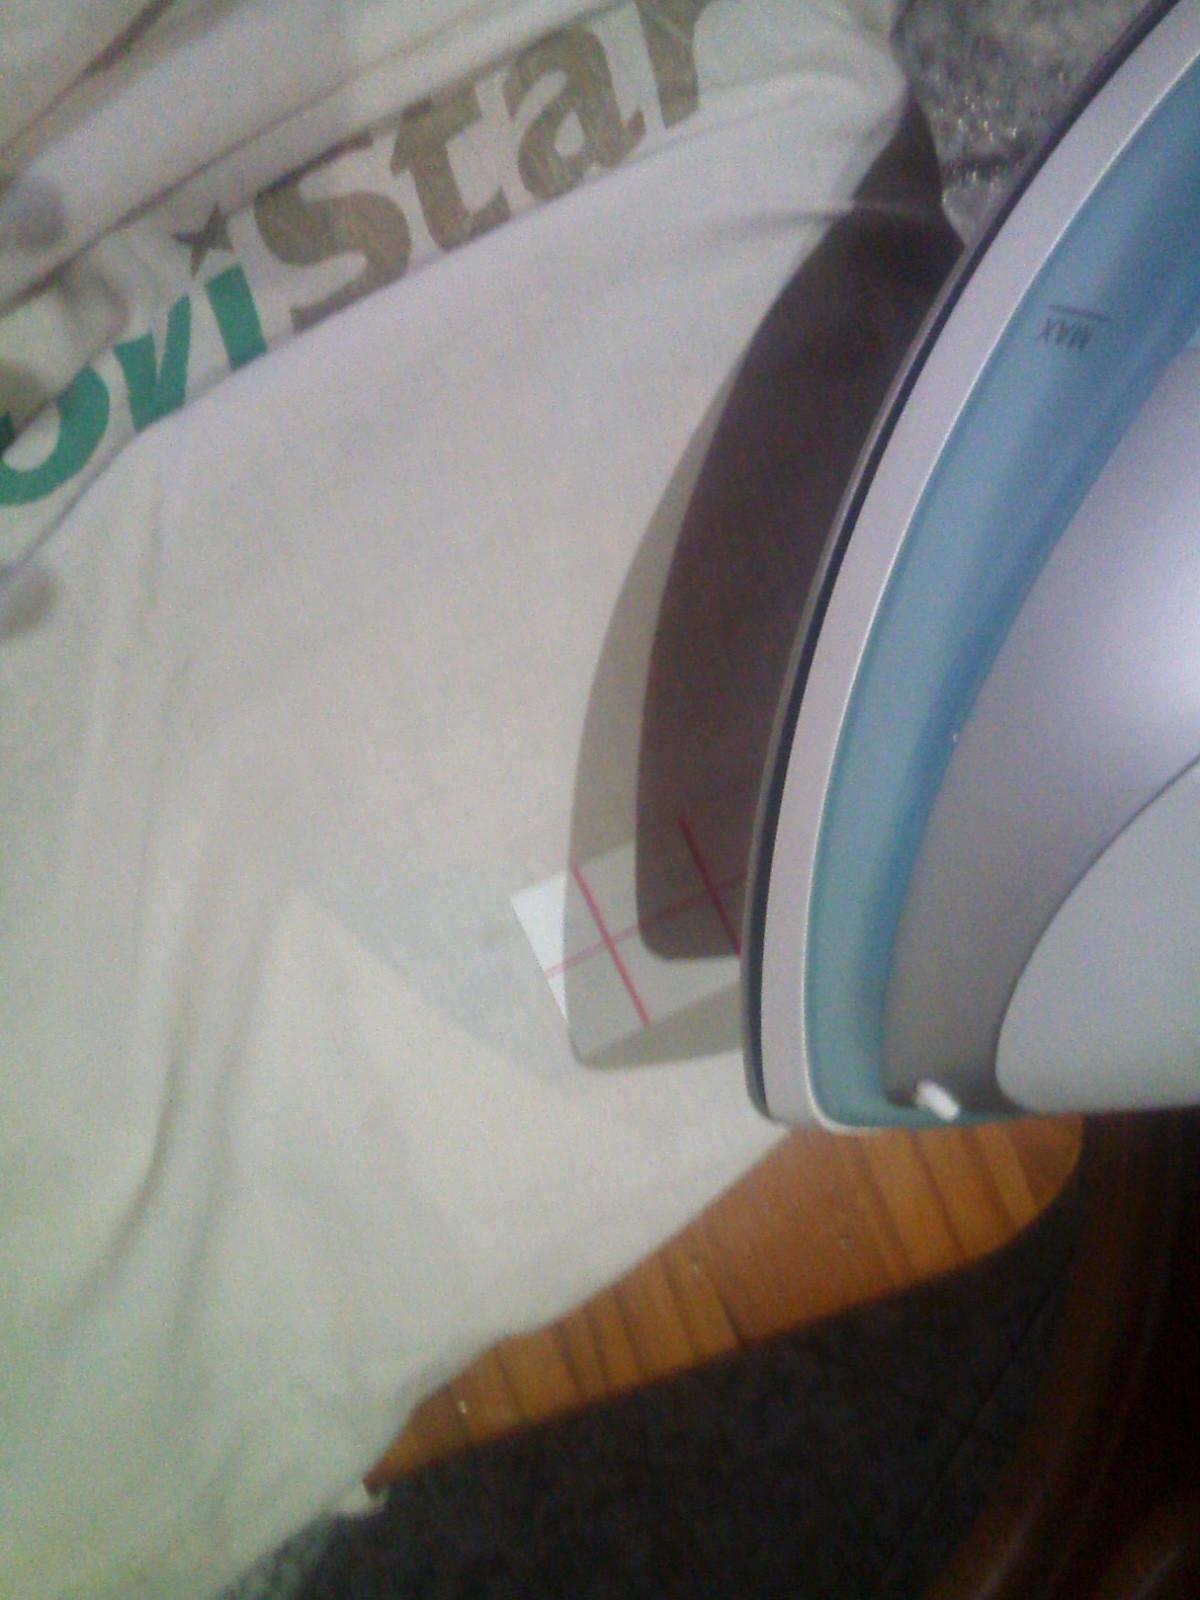 estampar-camisetas-8a6915b6826f5b62acca0